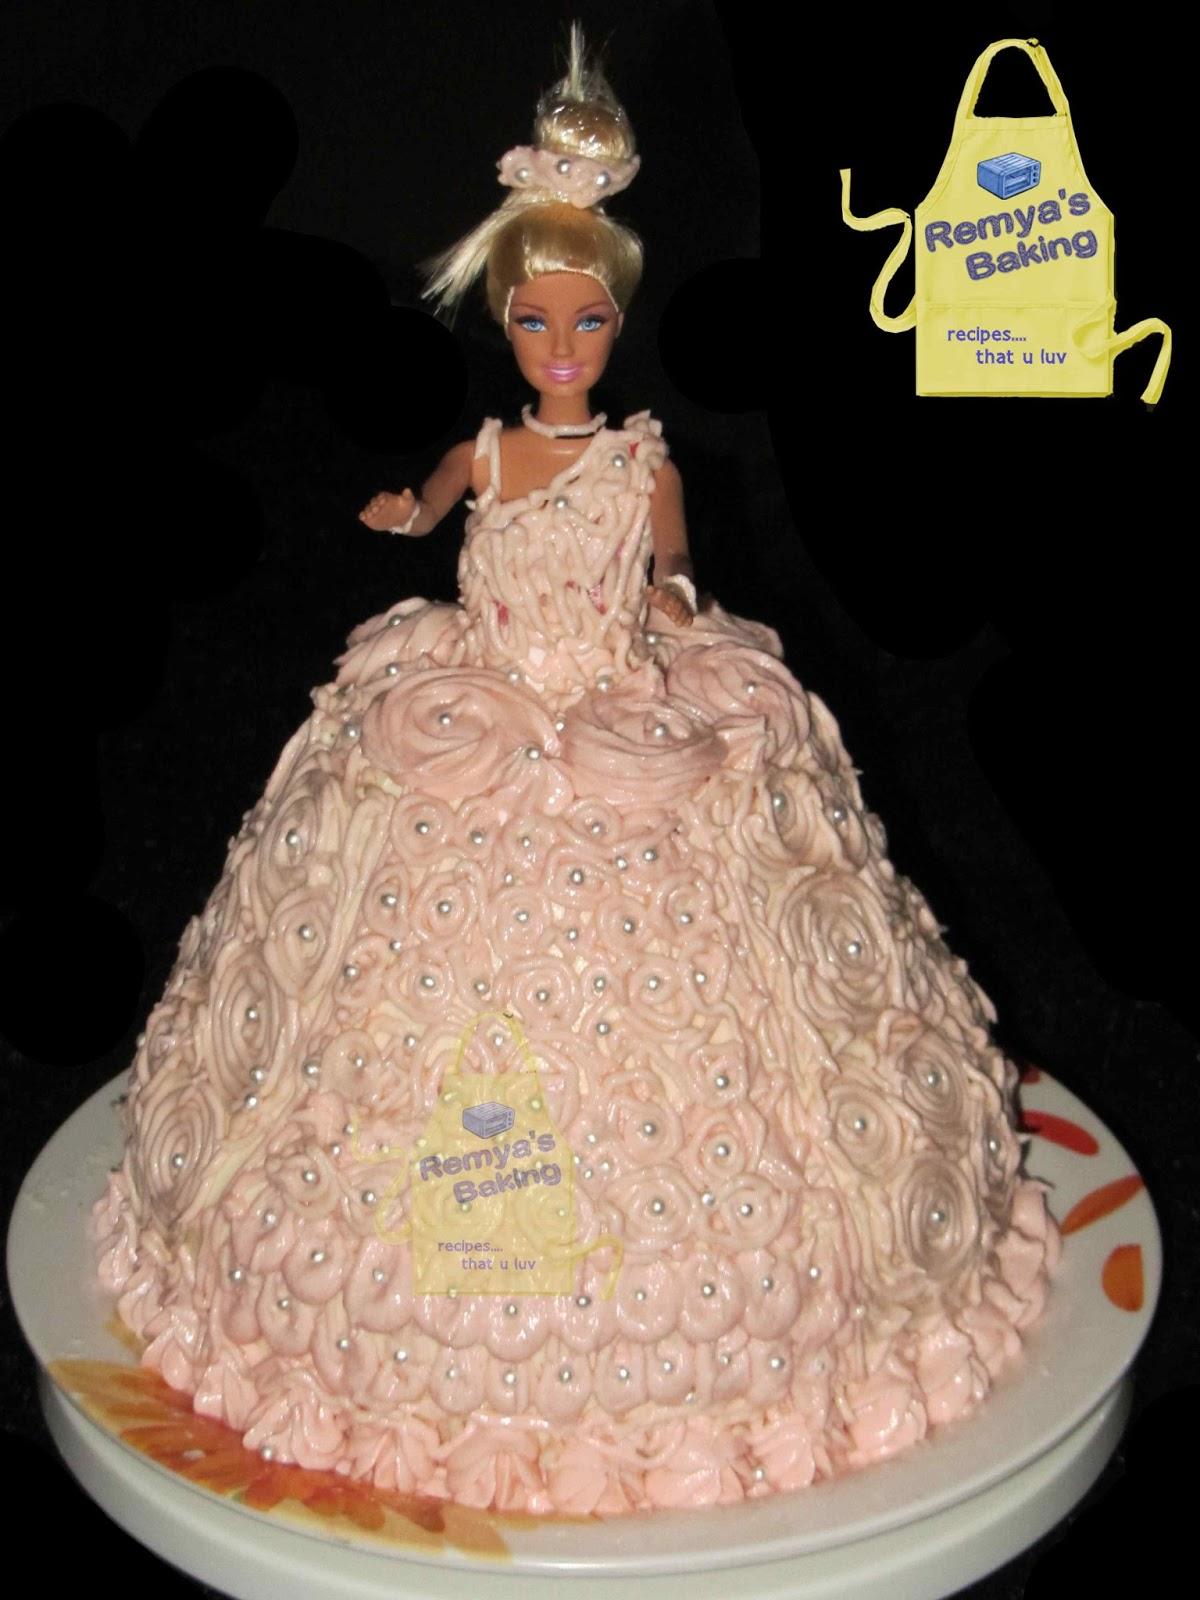 Making Princess Doll Cake